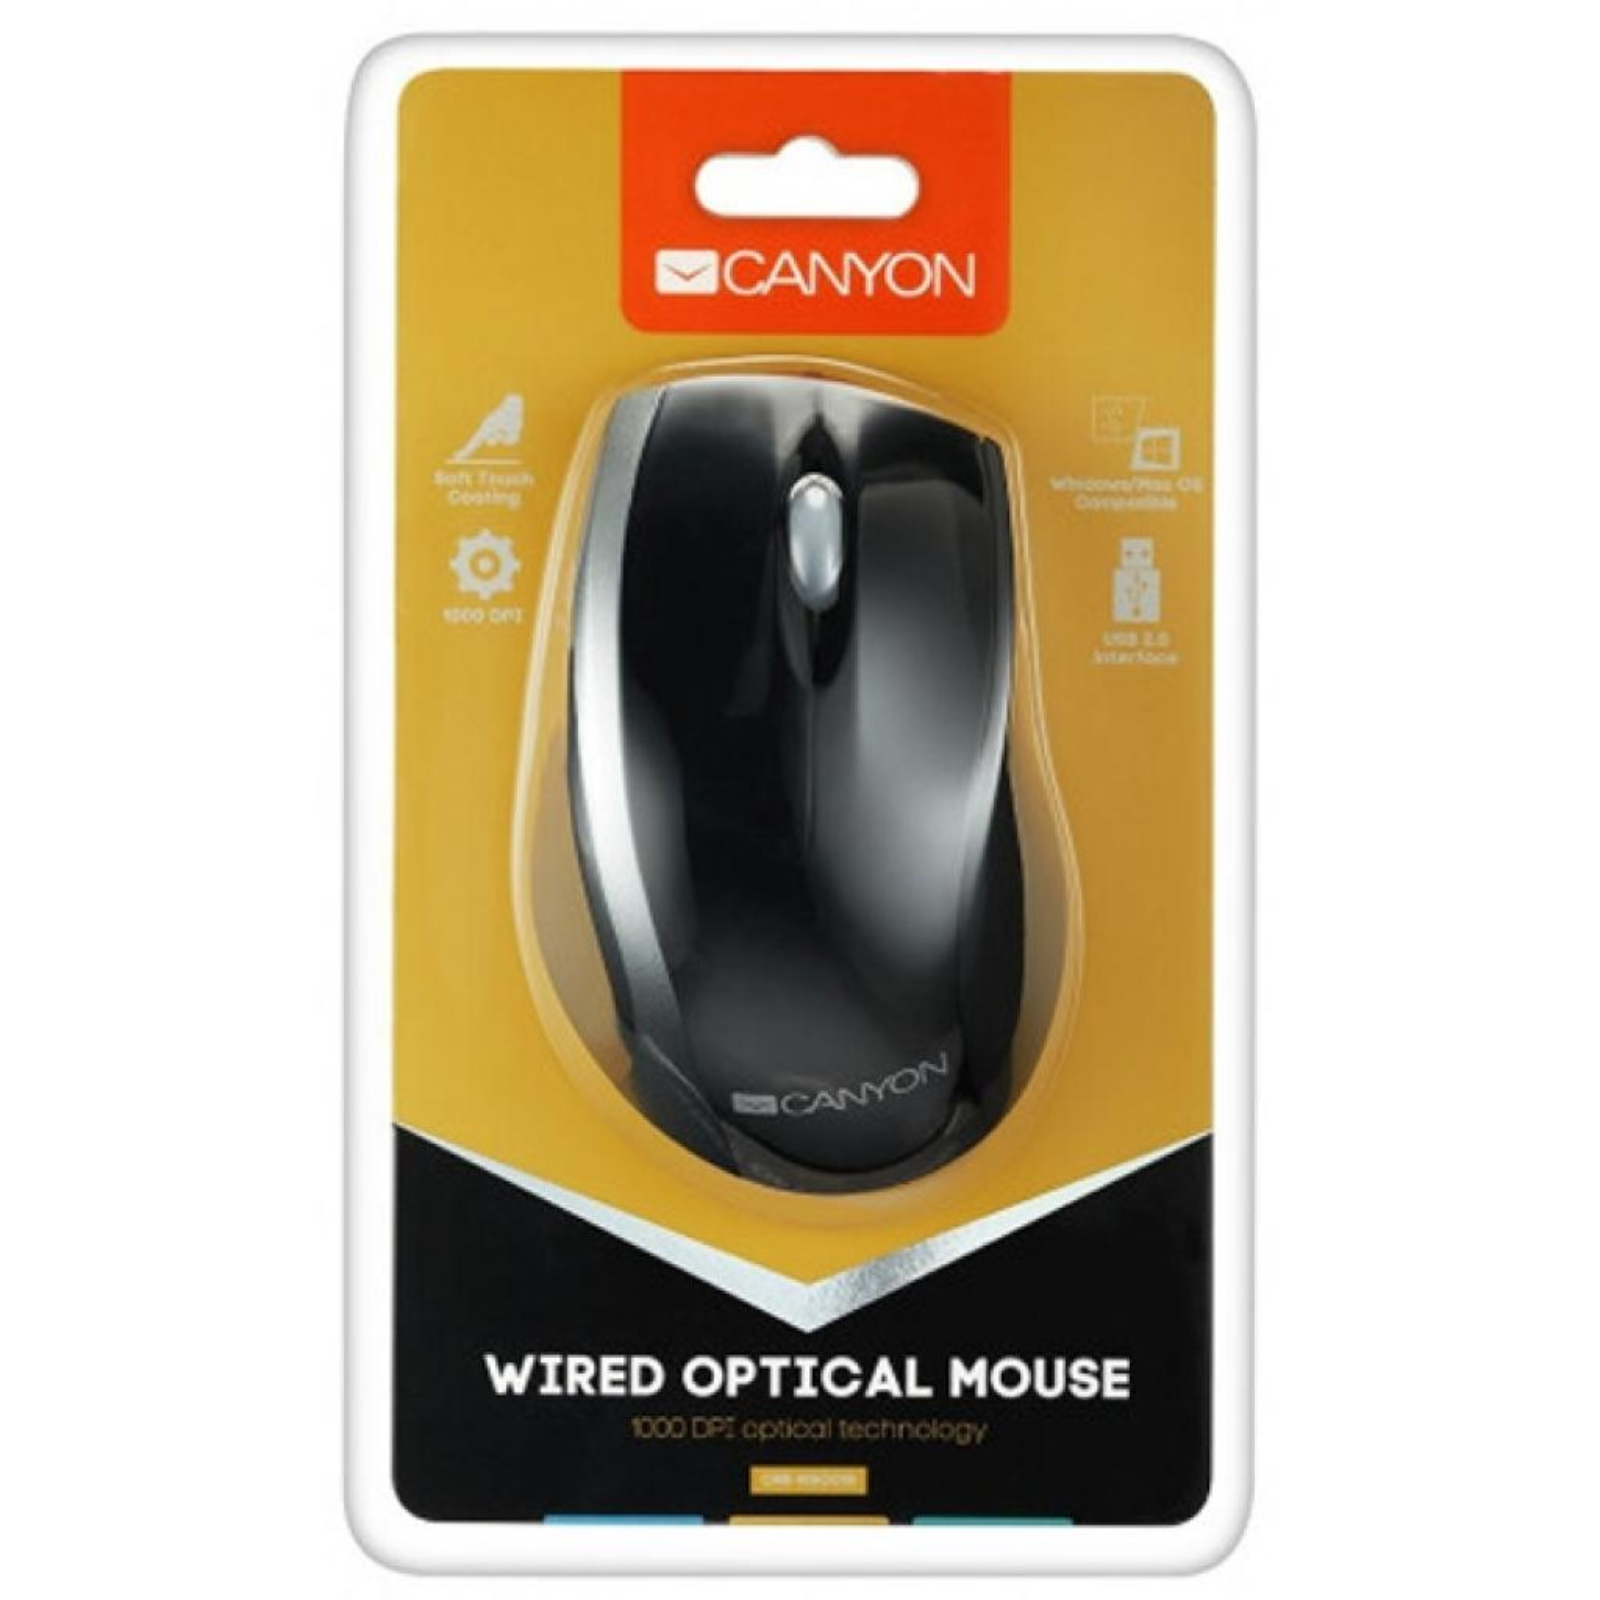 Мышка Canyon CNR-MSO01NG изображение 4